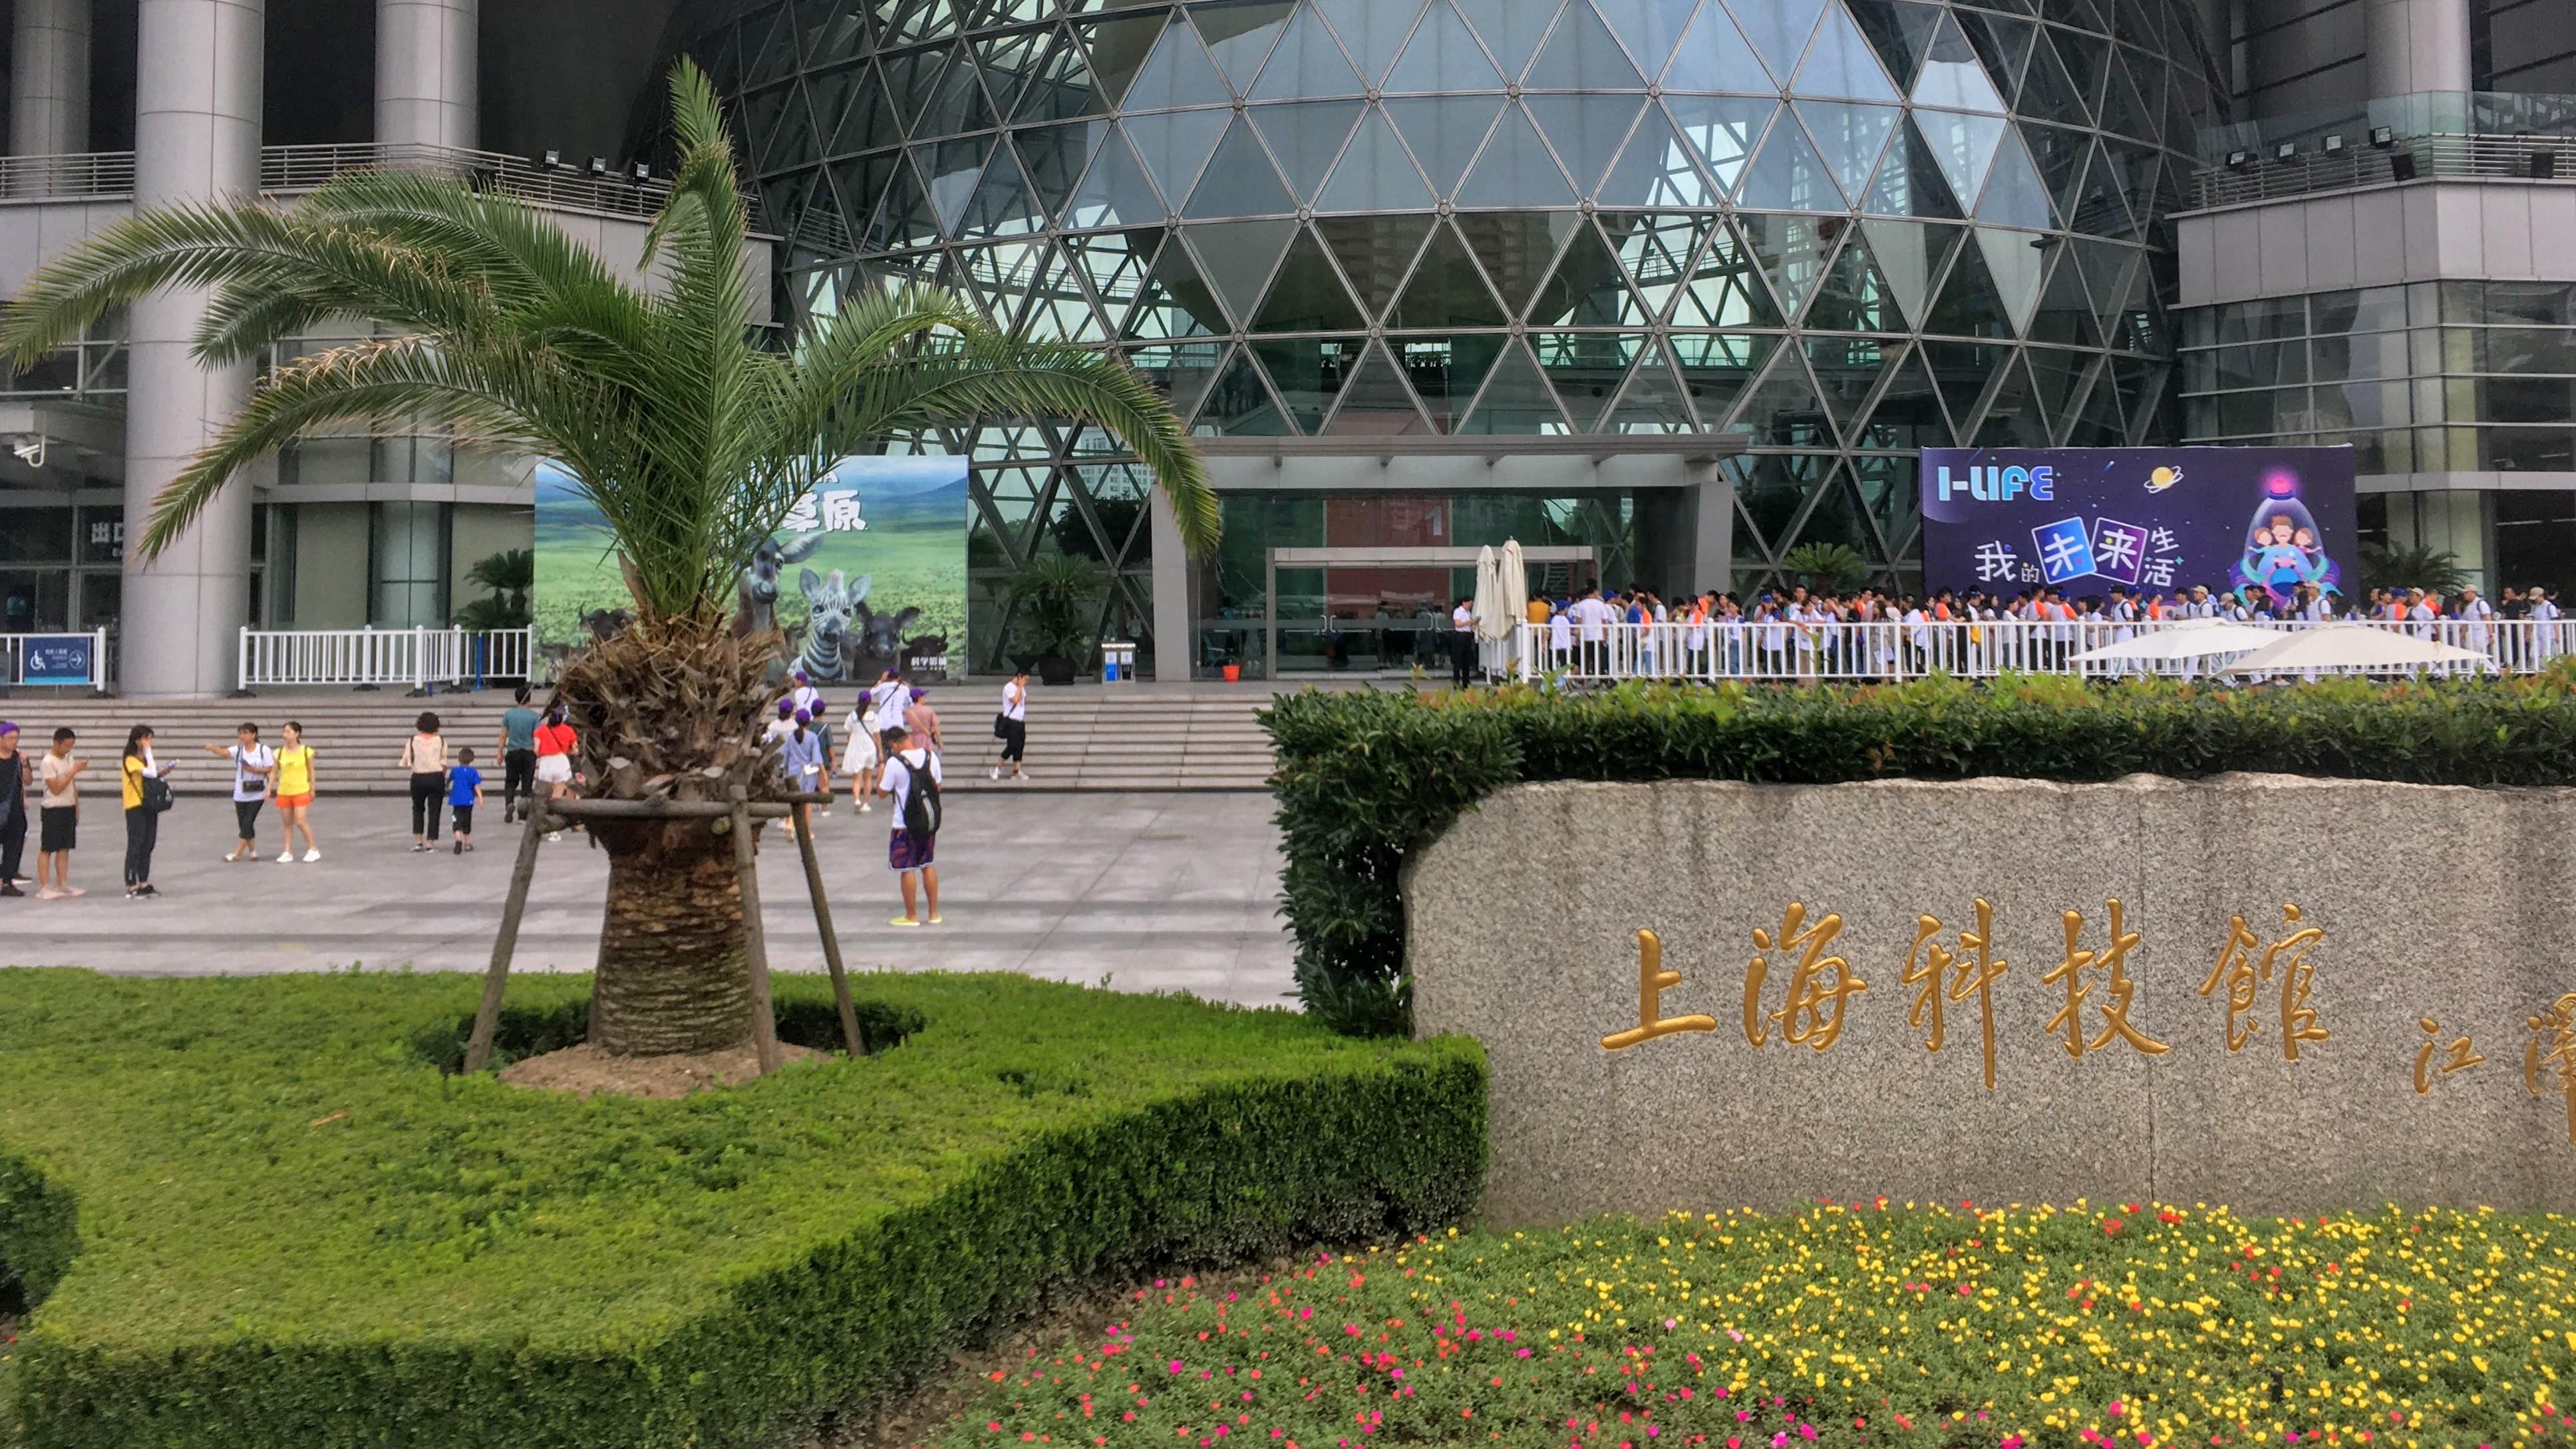 恕我直言,这地方不怎么好吧,我认为,澳门科学馆还有广州的科学馆都比这个有意思